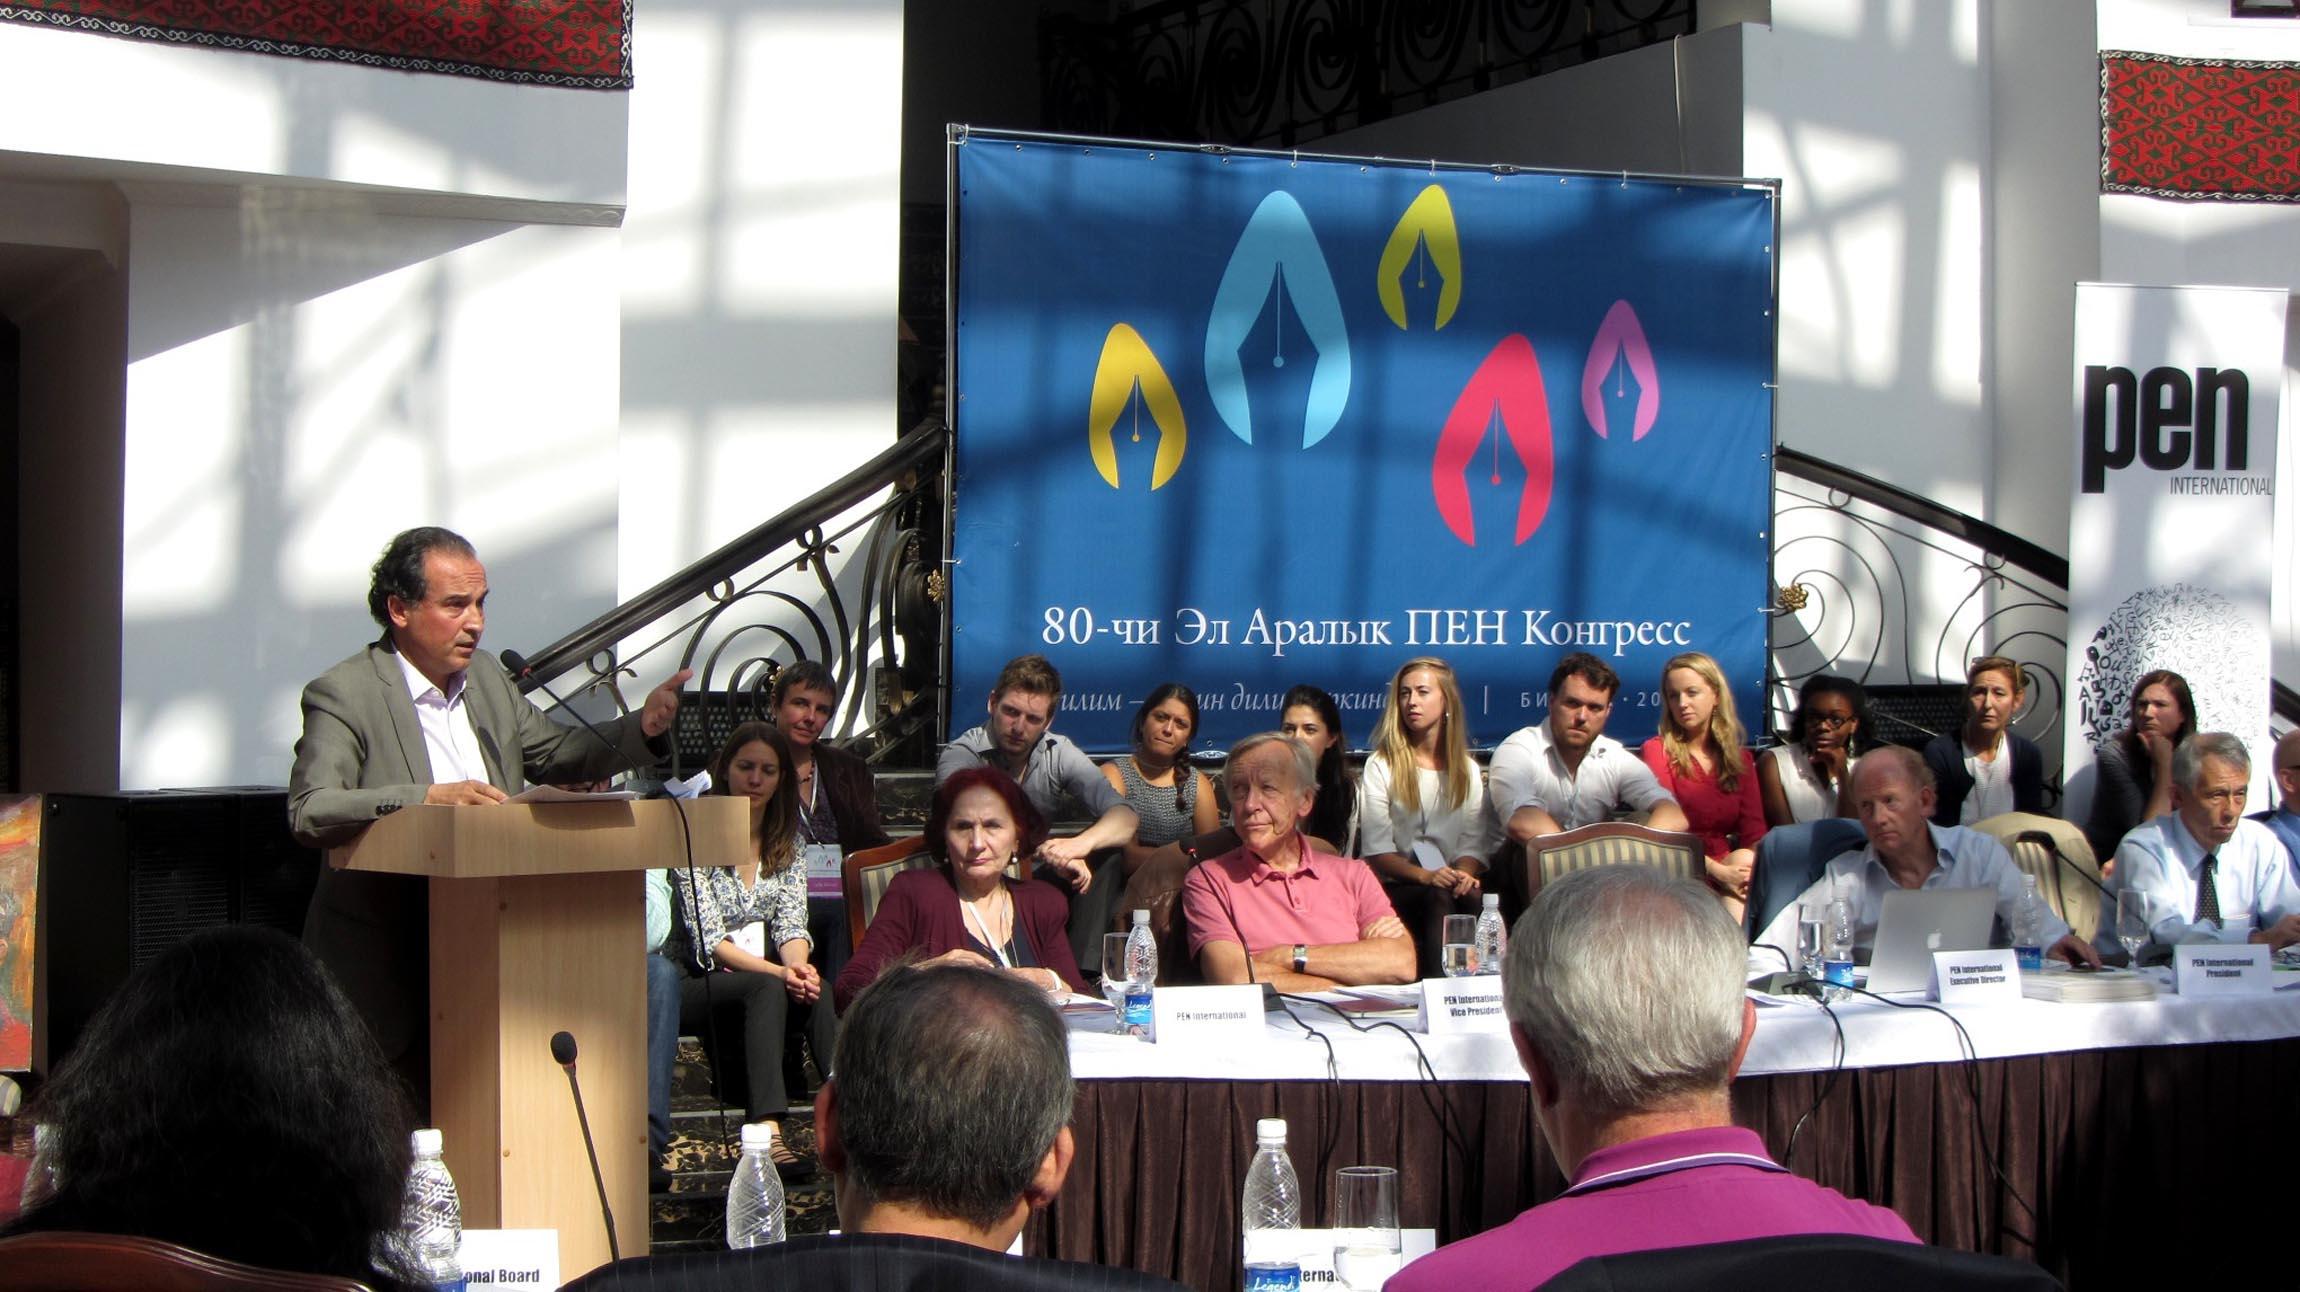 Bishkek 2014 WC PEN 840